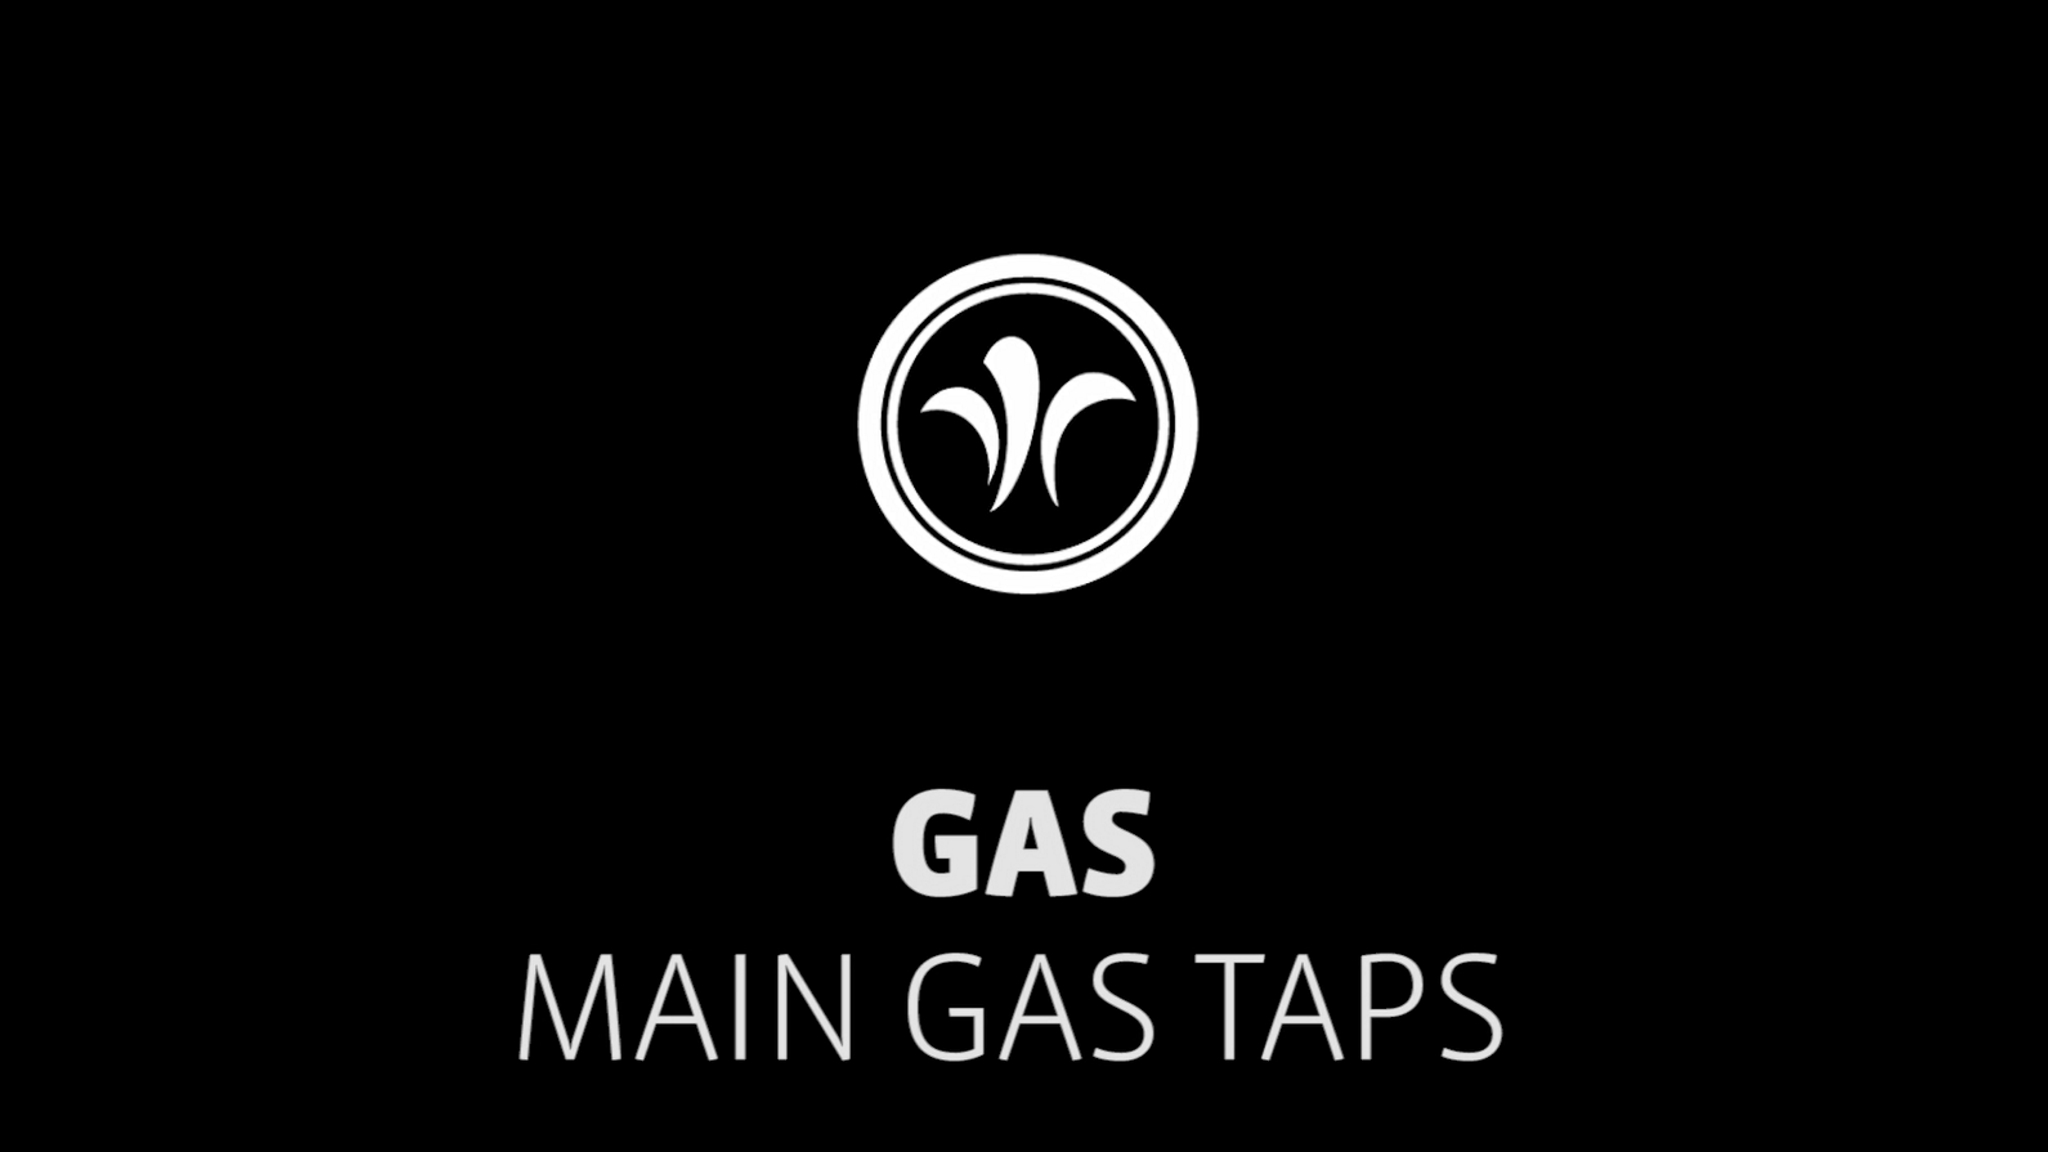 motorhome main gas taps // niesmann+bischoff - camper (model ARTO) // 2019 // G2